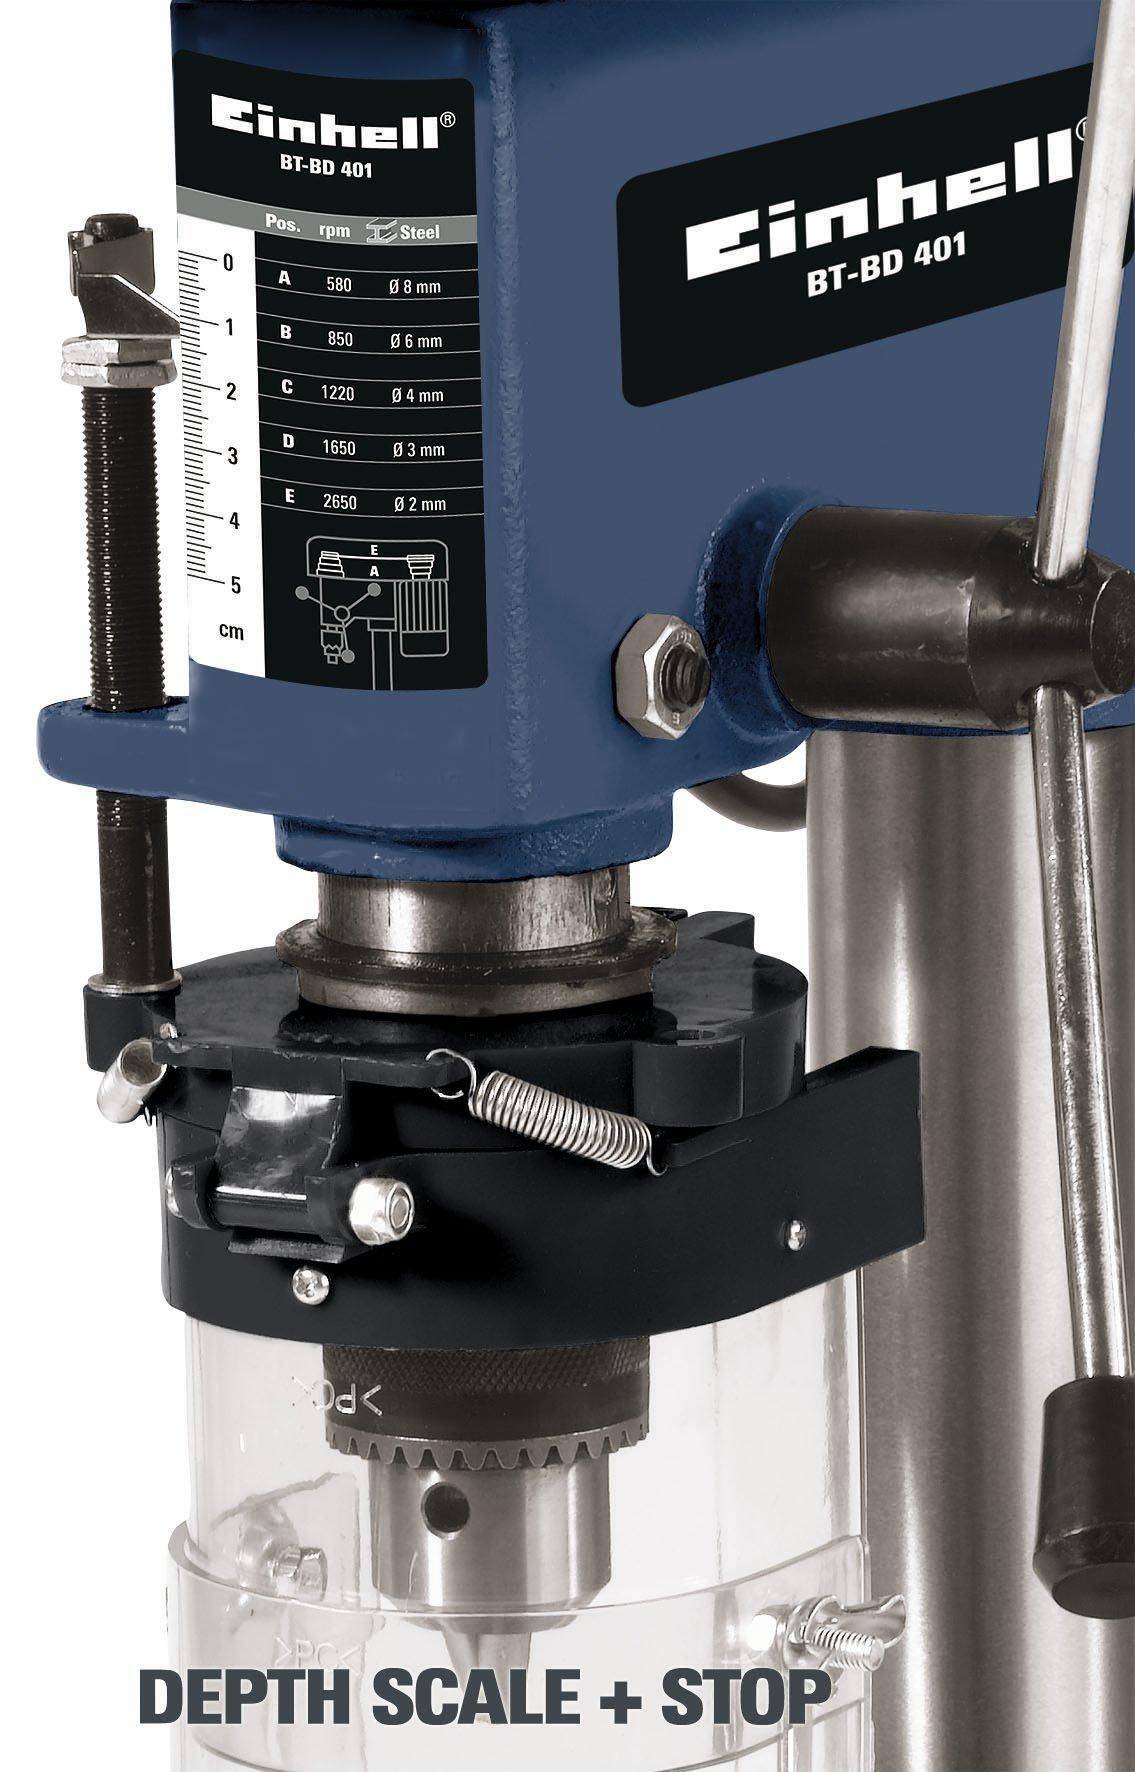 Einhell-Sulenbohrmaschine-BT-BD-401-350-W-Bohr–15-13-mm-Bohrtiefe-50-mm-Drehzahlregelung-stufenlose-Tischhhenverstellung